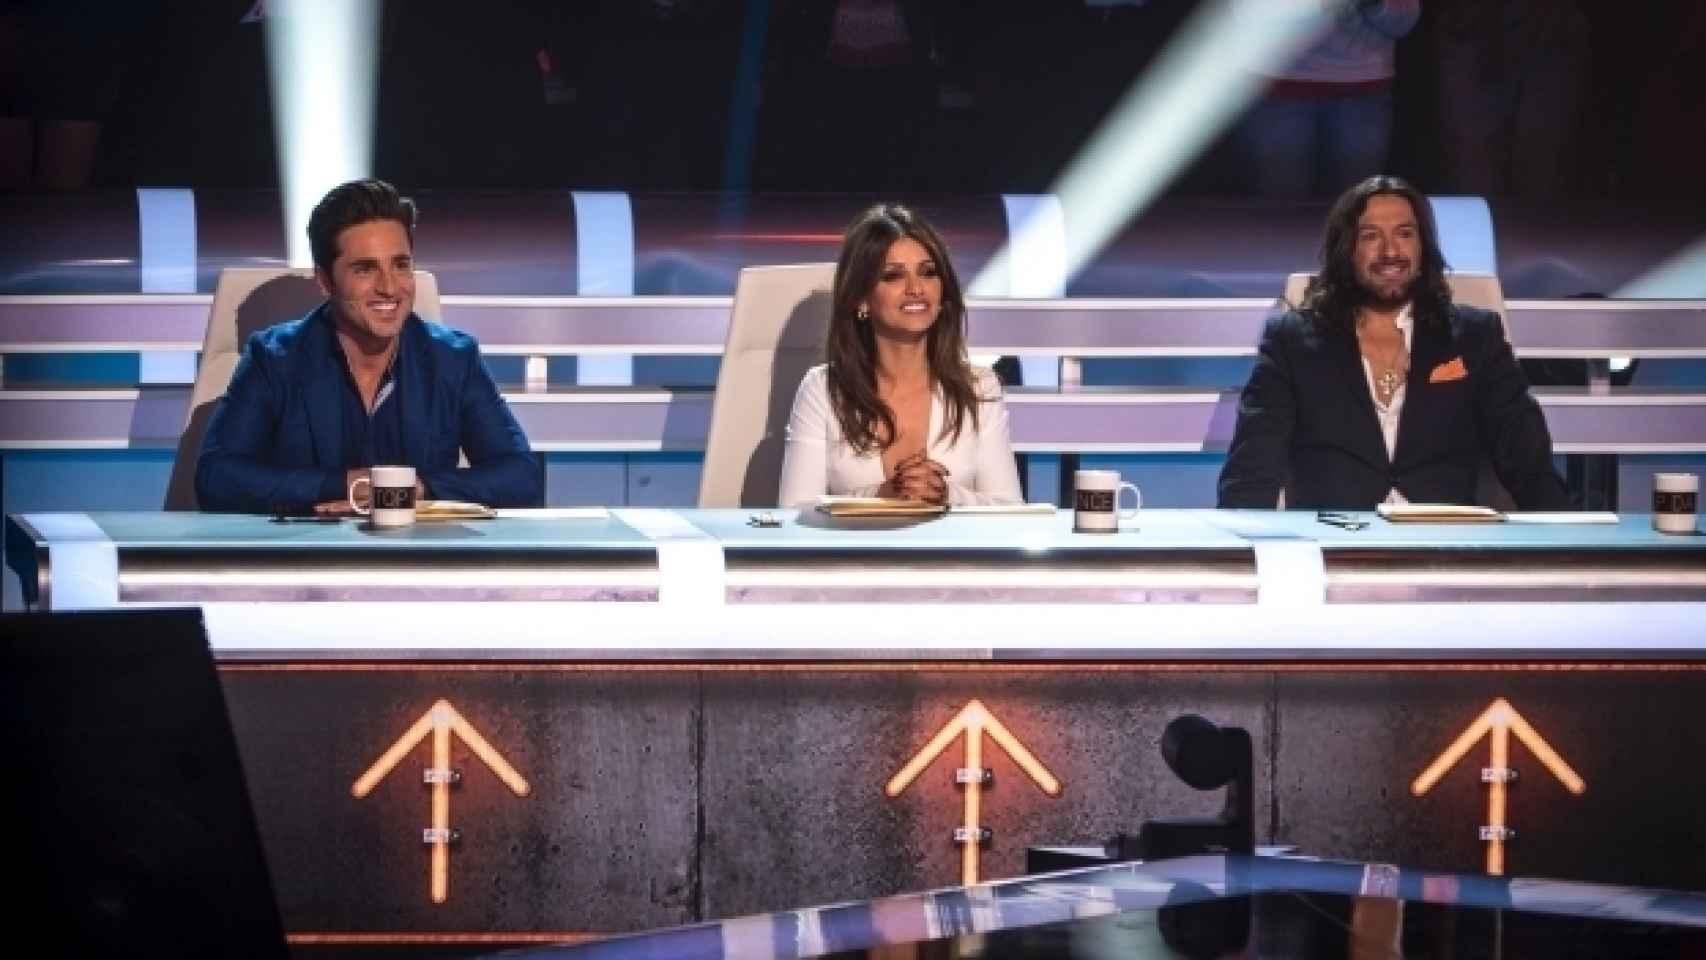 Mónica debutó este lunes como jurado en Top Dance de Antena 3